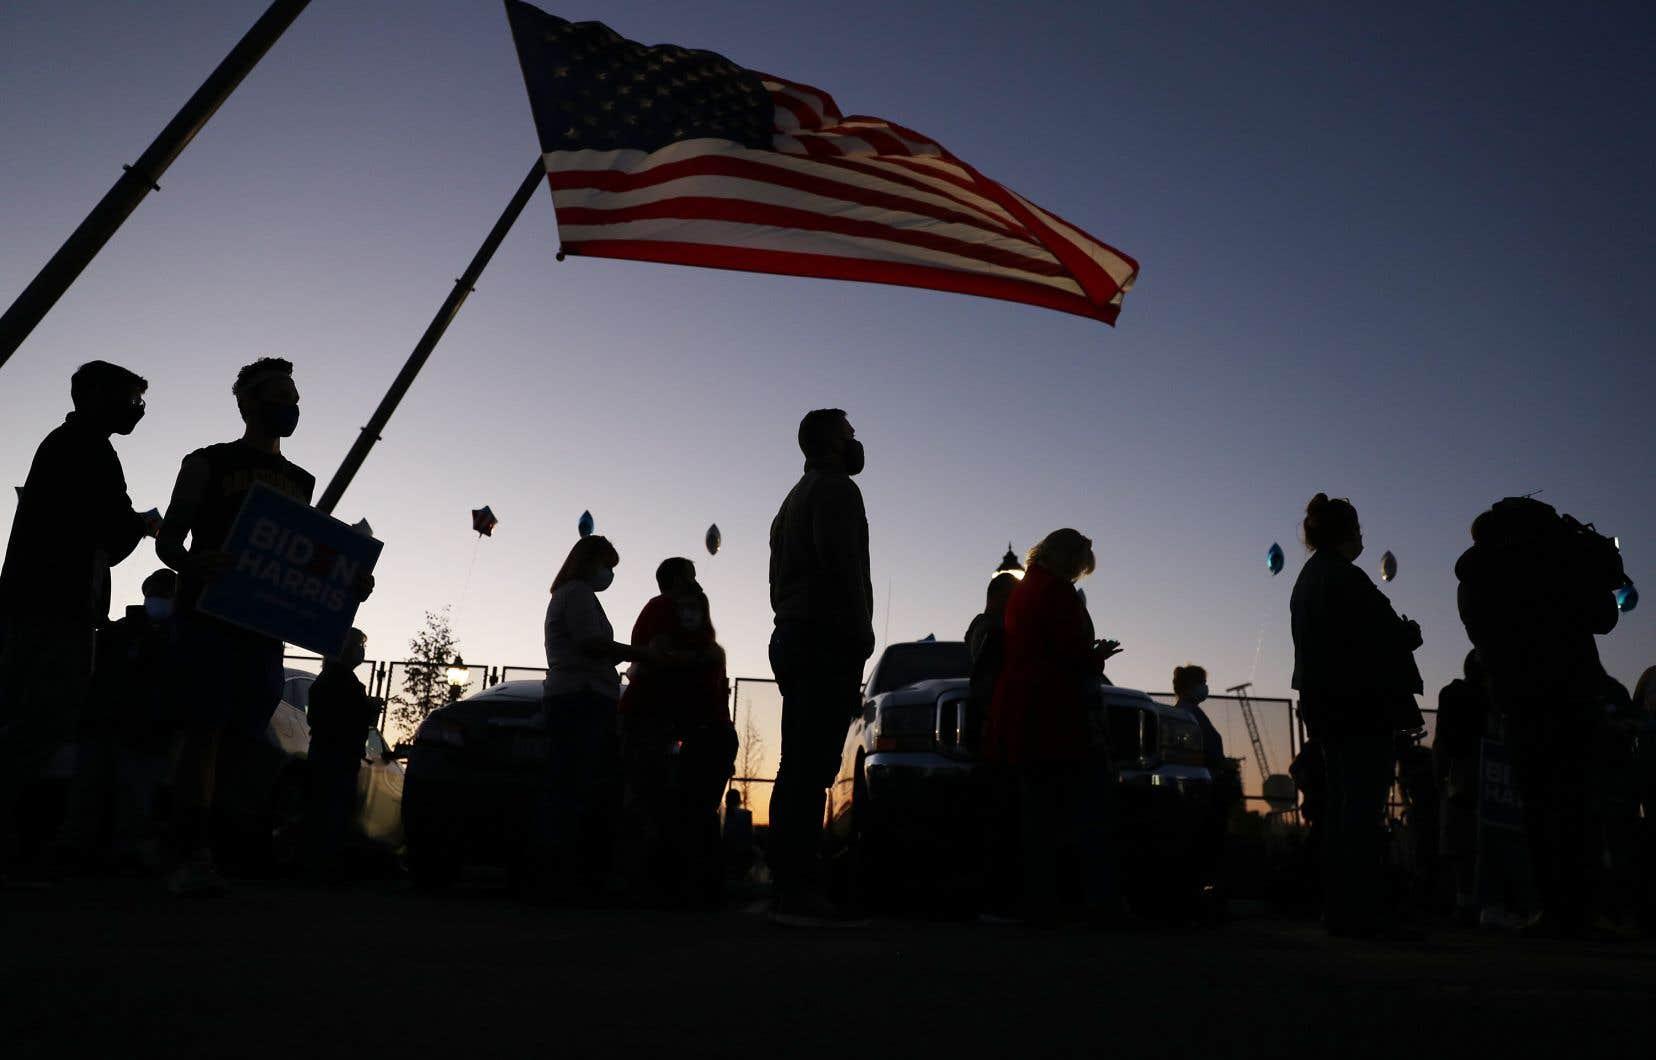 À Wilmington, au Delaware, des partisans démocrates s'étaient réunis dans le stationnement du Chase Center, vendredi, afin de voir et d'entendre leur candidat, Joe Biden, en avance, mais toujours pas élu.